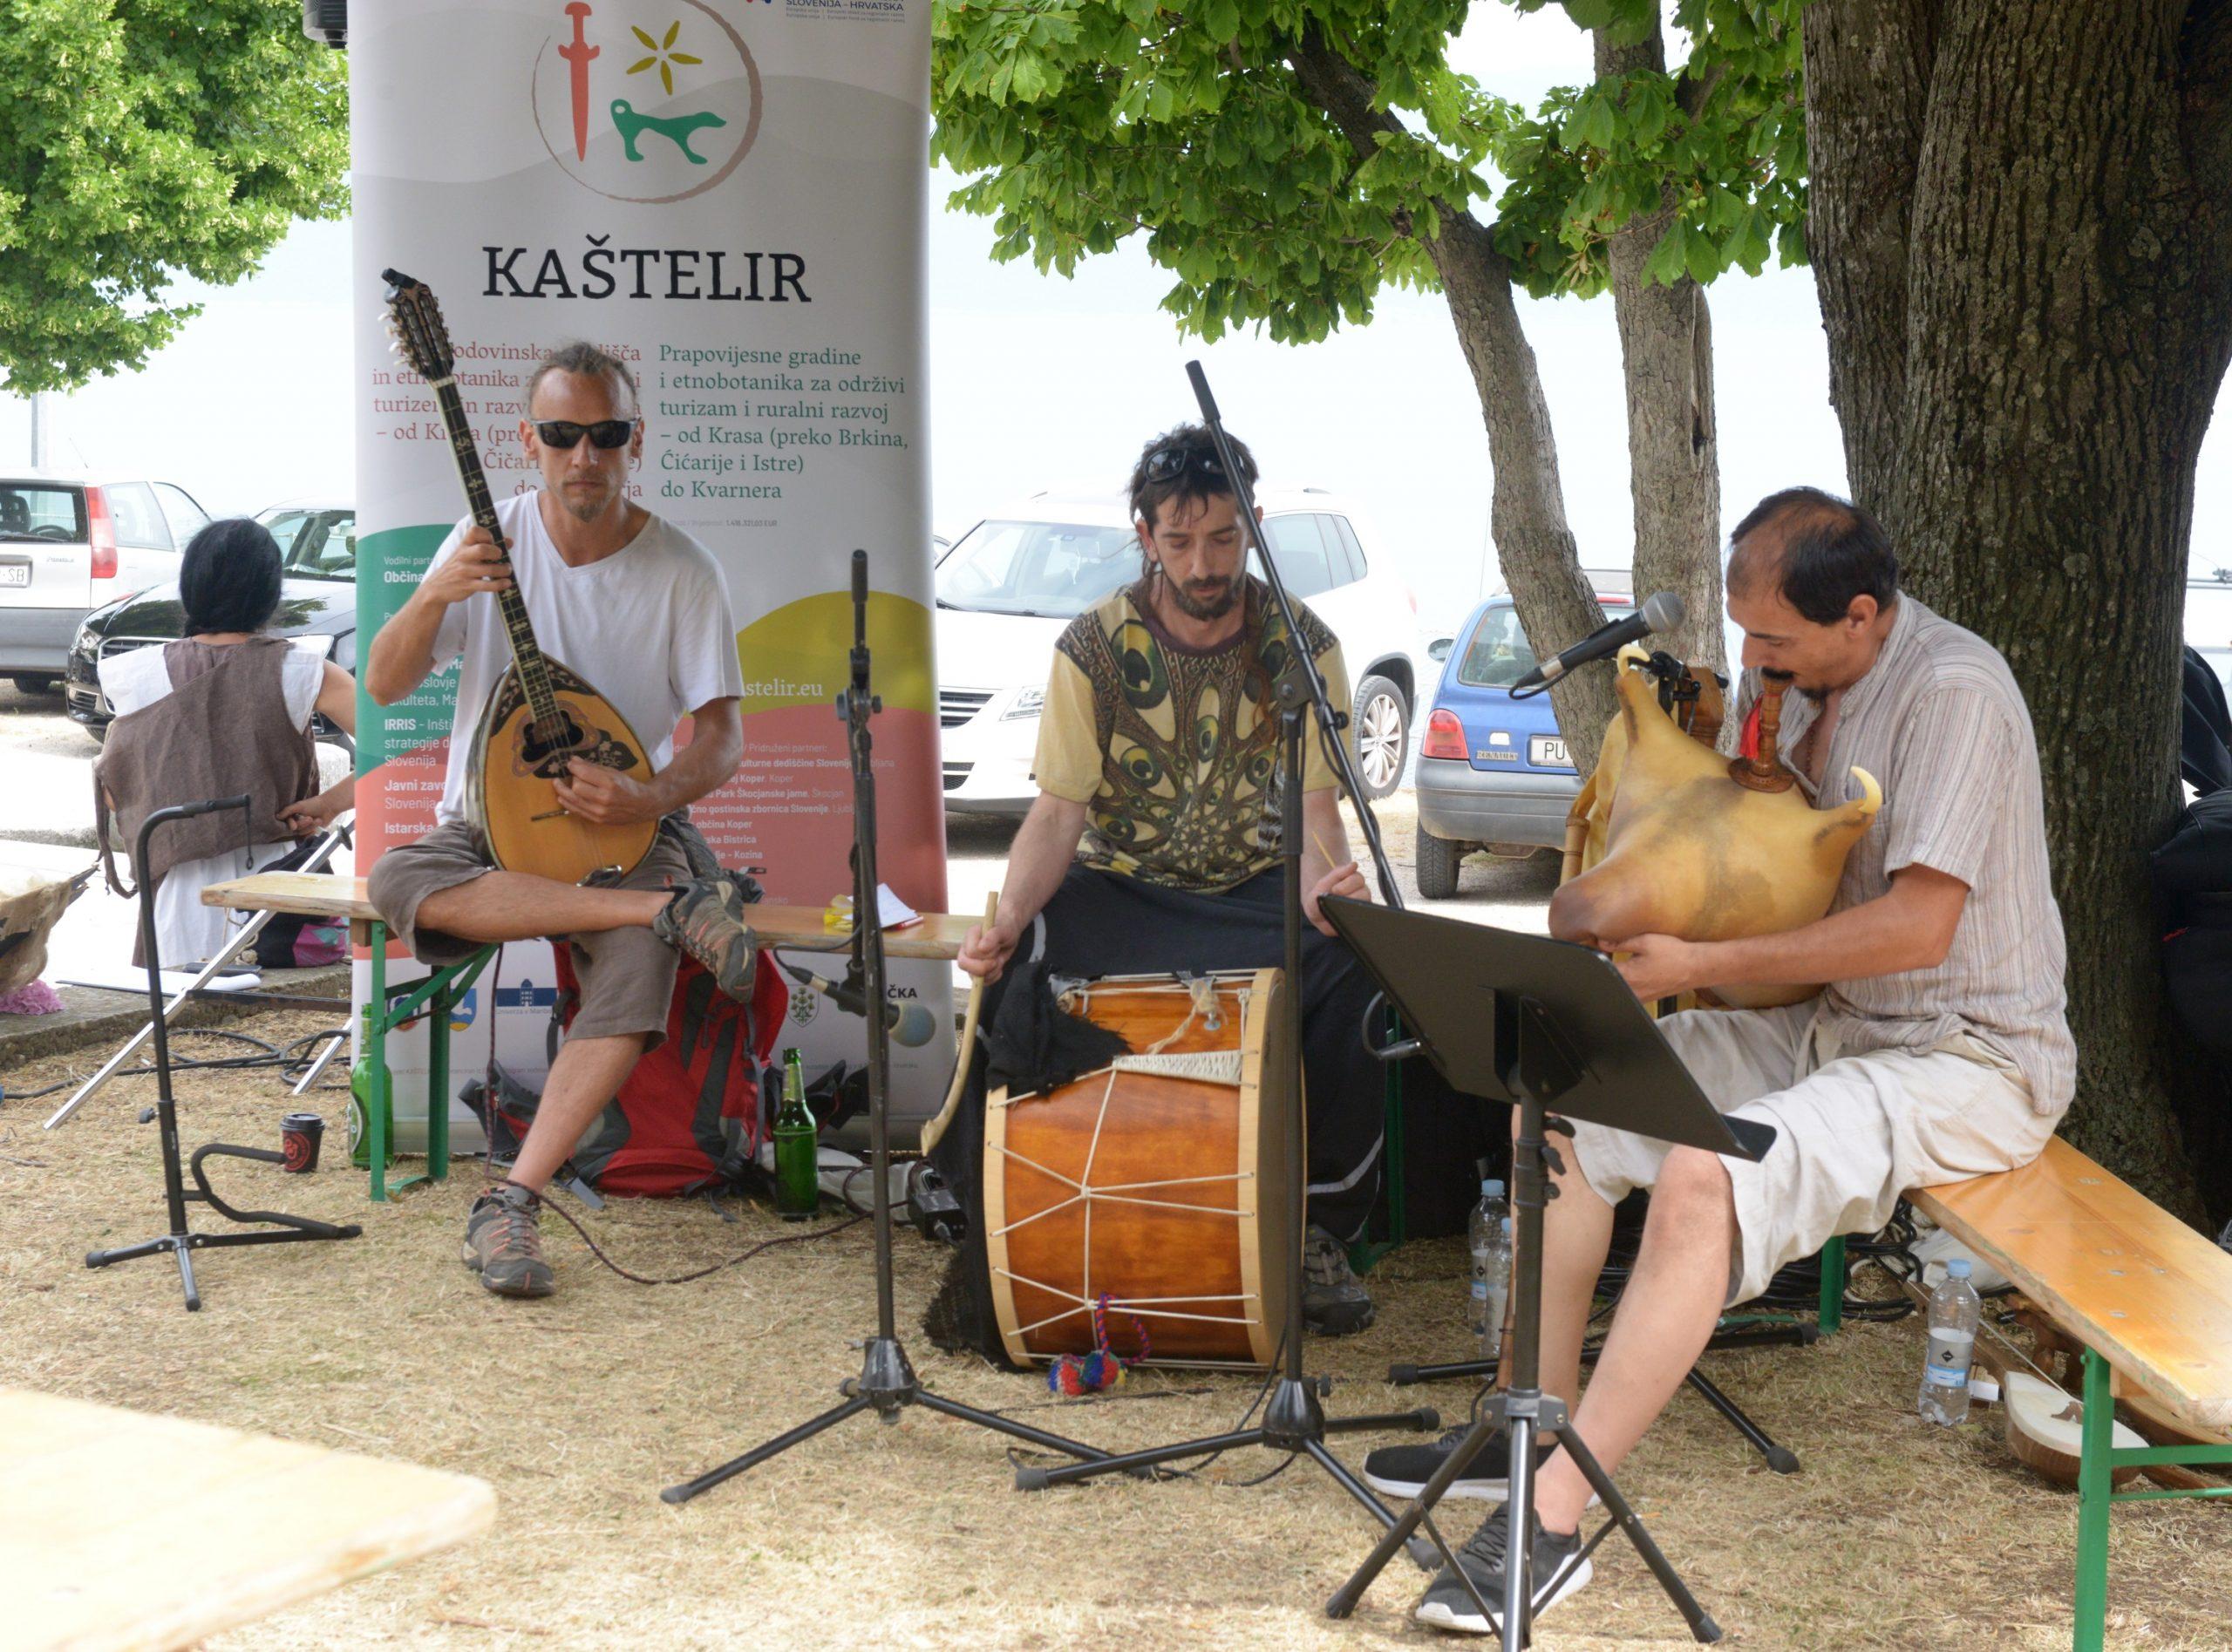 Goran Mikas i grupa Plet predstavili su tradicijska glazbala koja su se koristila kroz povijest na našim prostorima